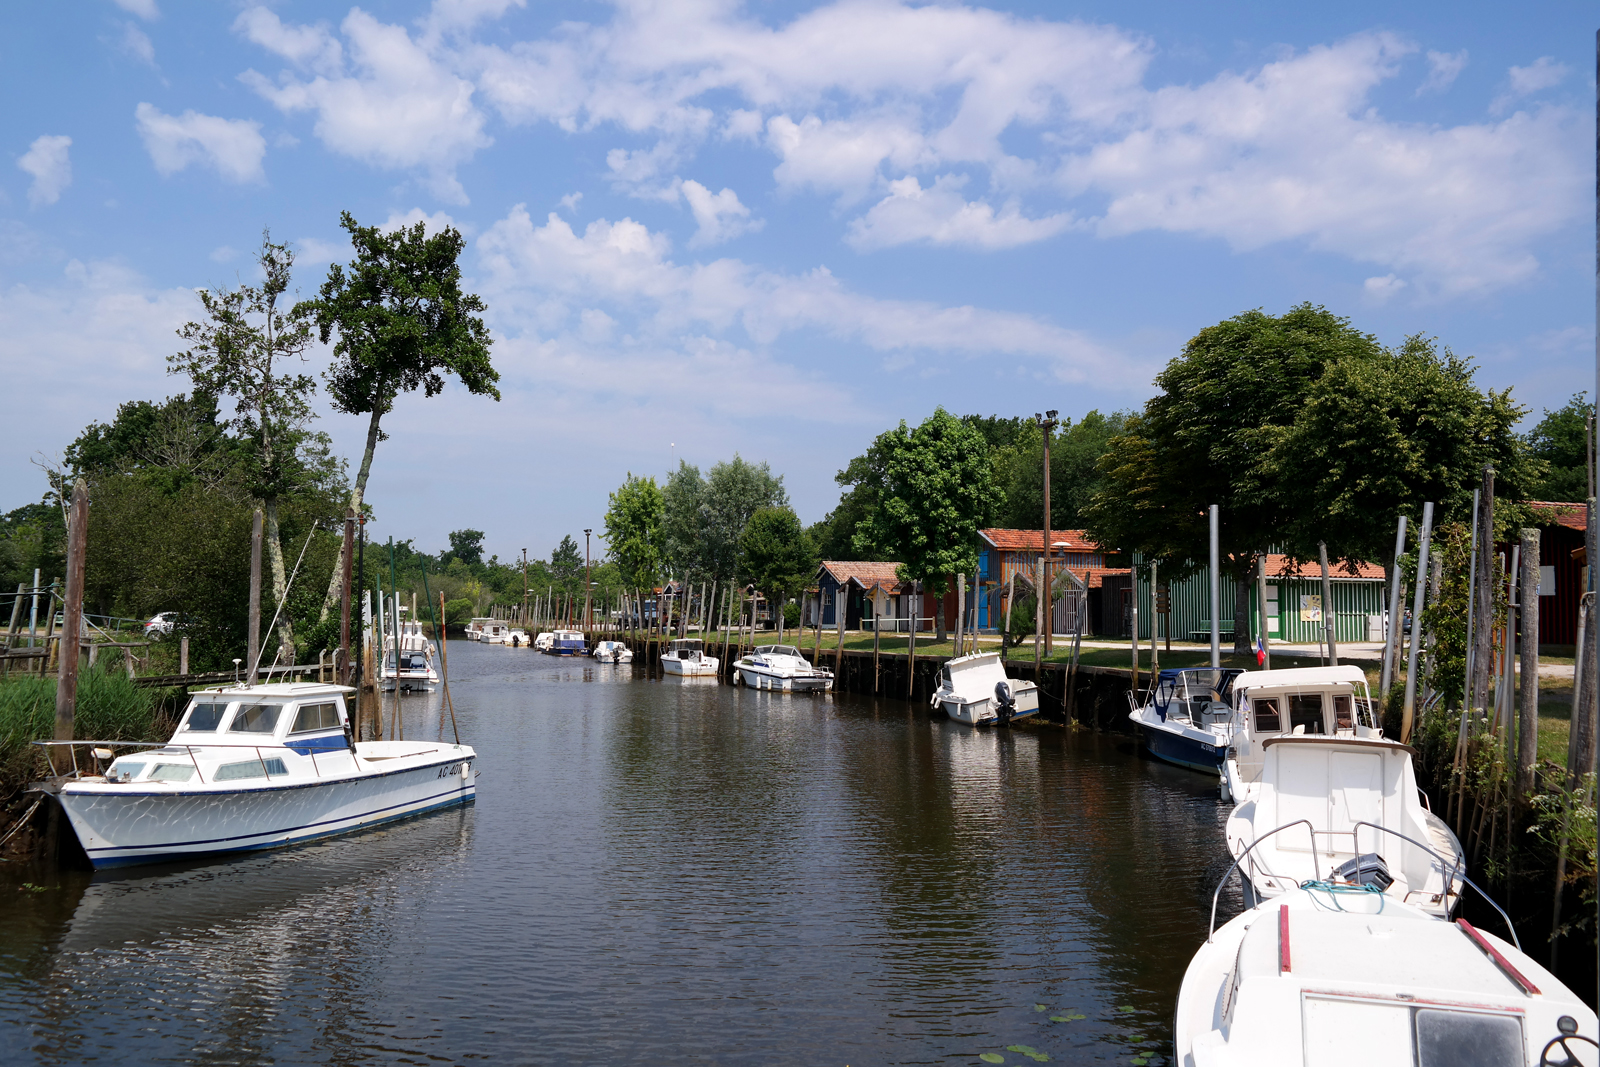 Port-de-Biganos-berges-bateaux-cabanes-colorées-en-bois-patrimoine-Bassin-d-Arcachon-vraies-vacances-tourisme-Landes-de-Gascogne-Gironde-photo-by-united-states-of-paris-blog